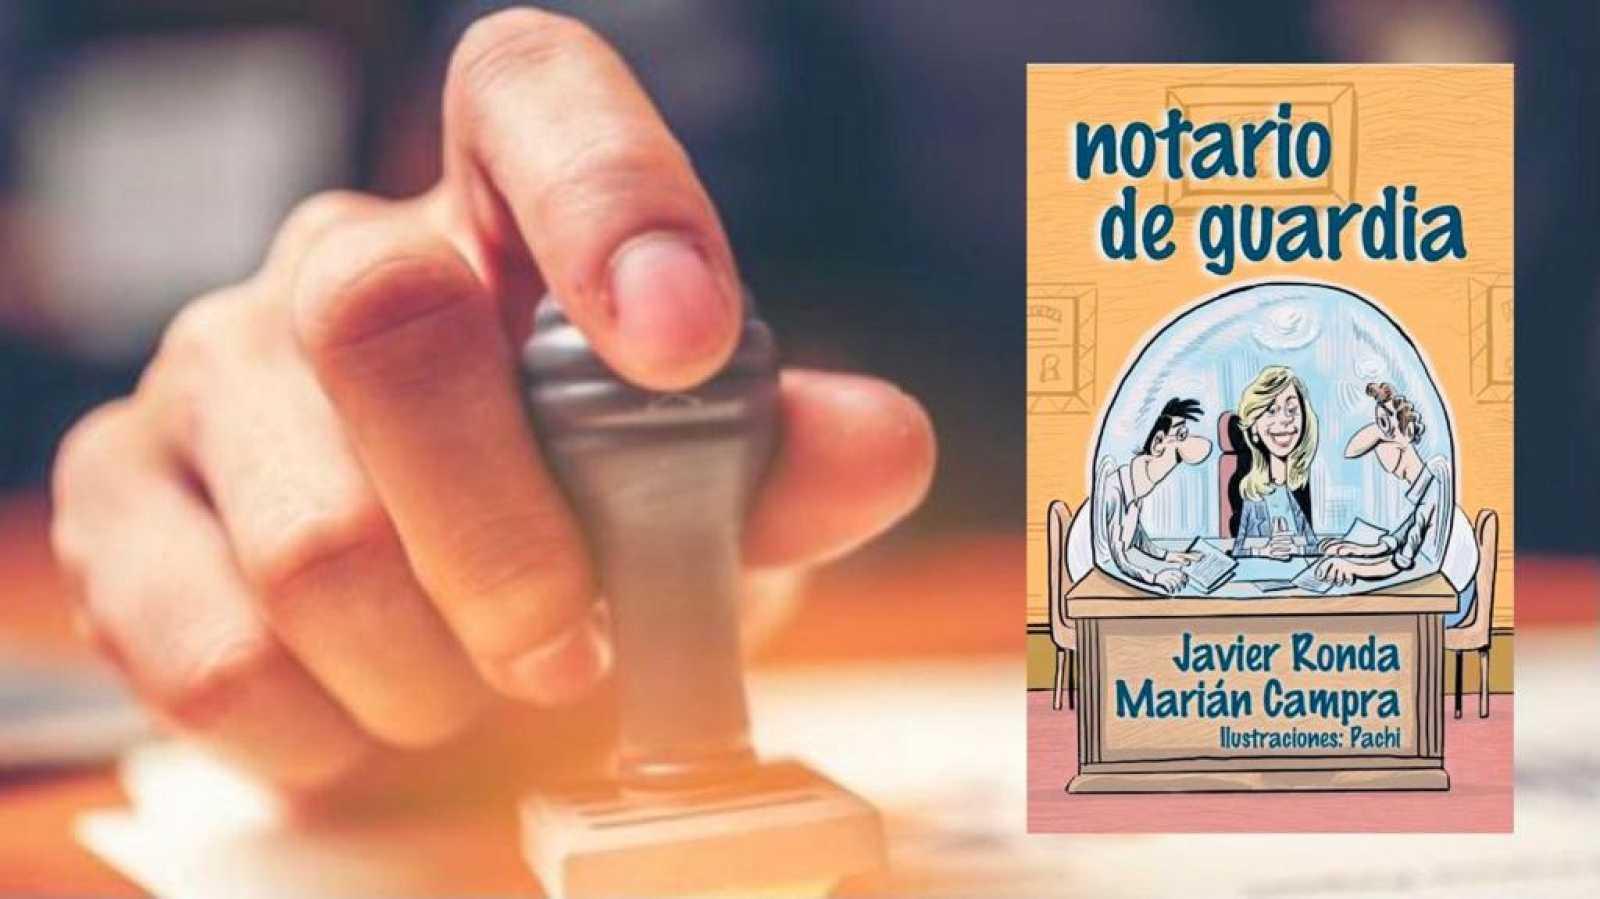 No es un día cualquiera - Javier Ronda - Periodista - Libro Notario de Guardia - El café de las 9 - 27/02/2021 - Escuchar ahora